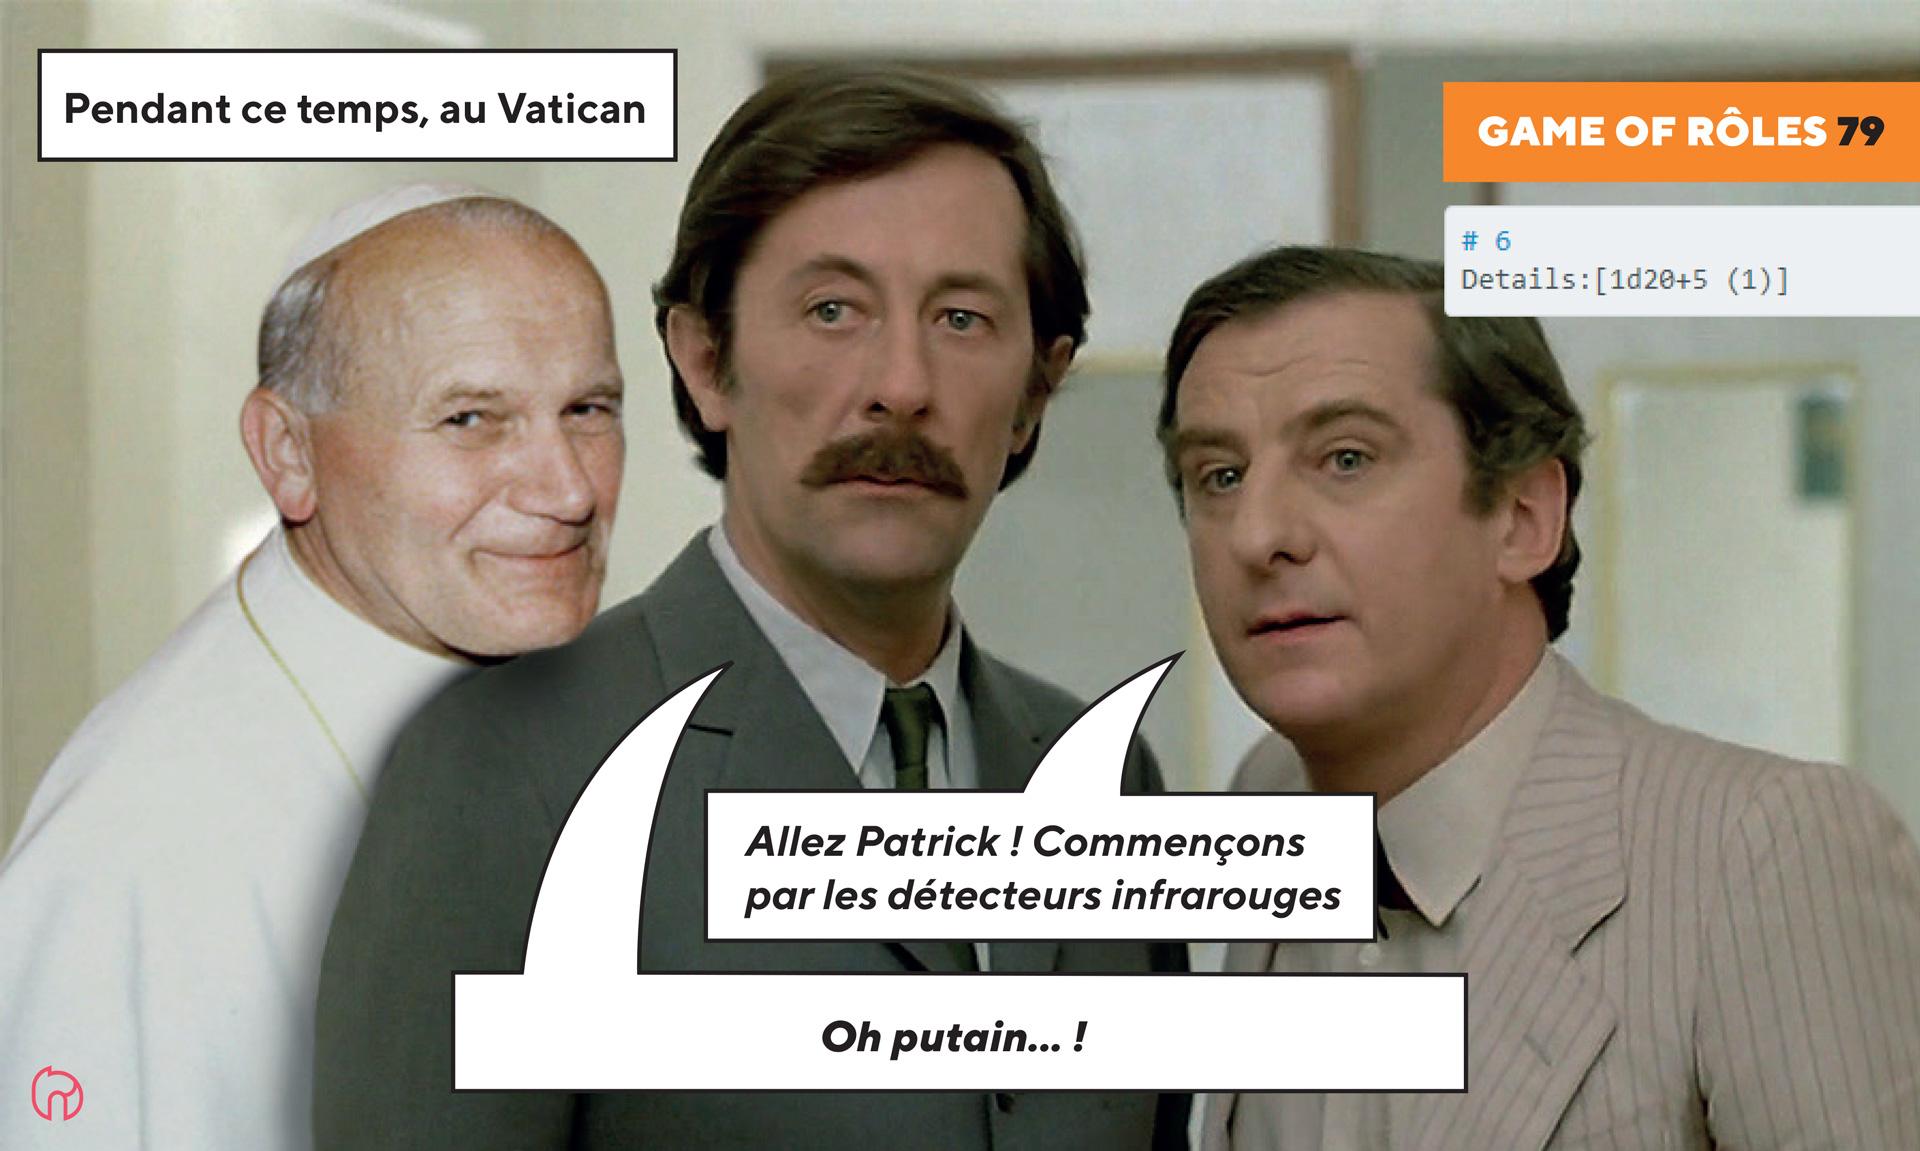 Visuel de Patrick Pintard et Sebastiano Minamiol au Vatican pour game of roles 1979